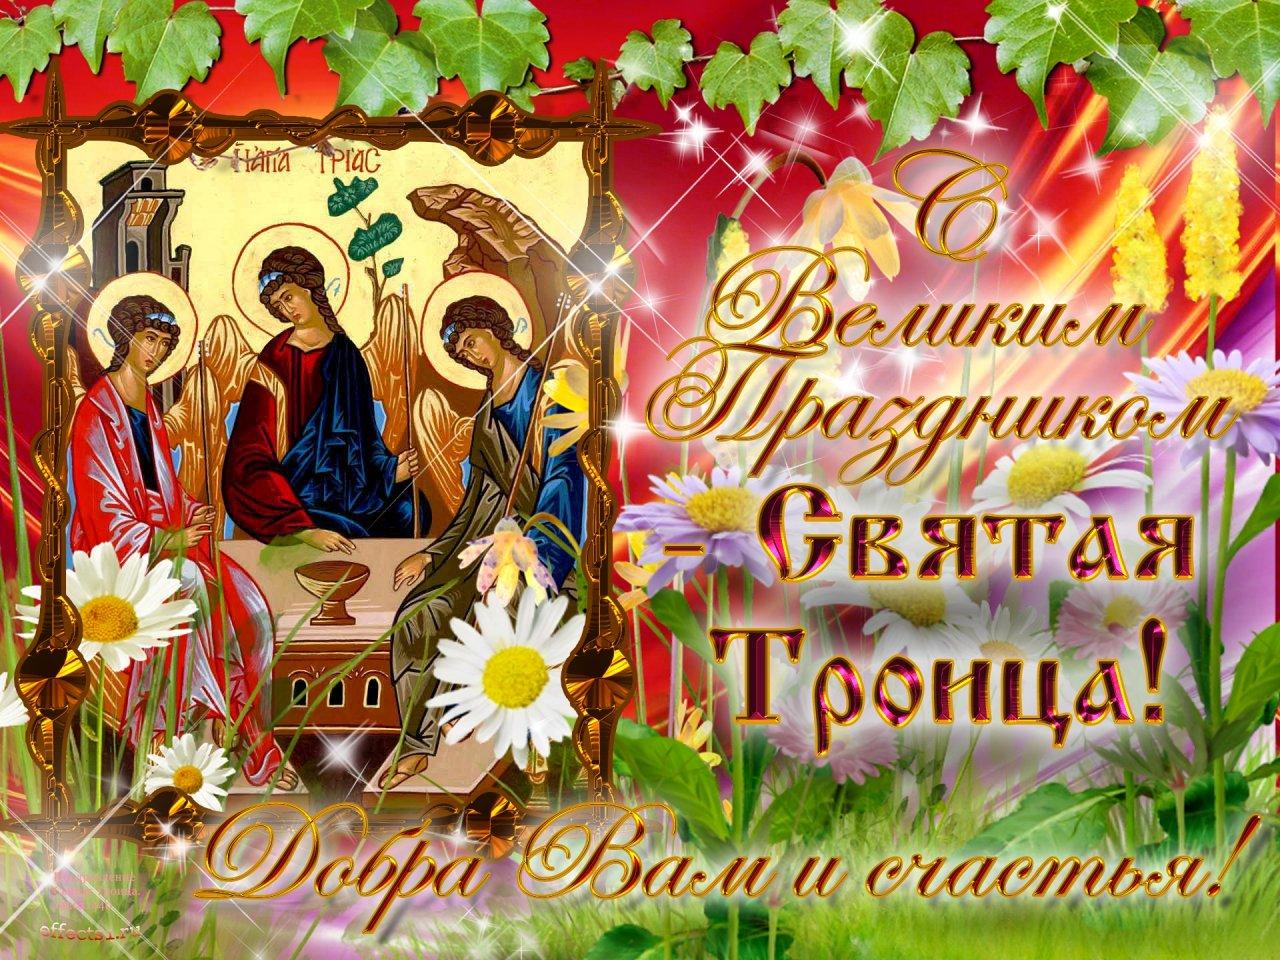 Картинки с троицей поздравления и переливающиеся, присягой открытки картинки